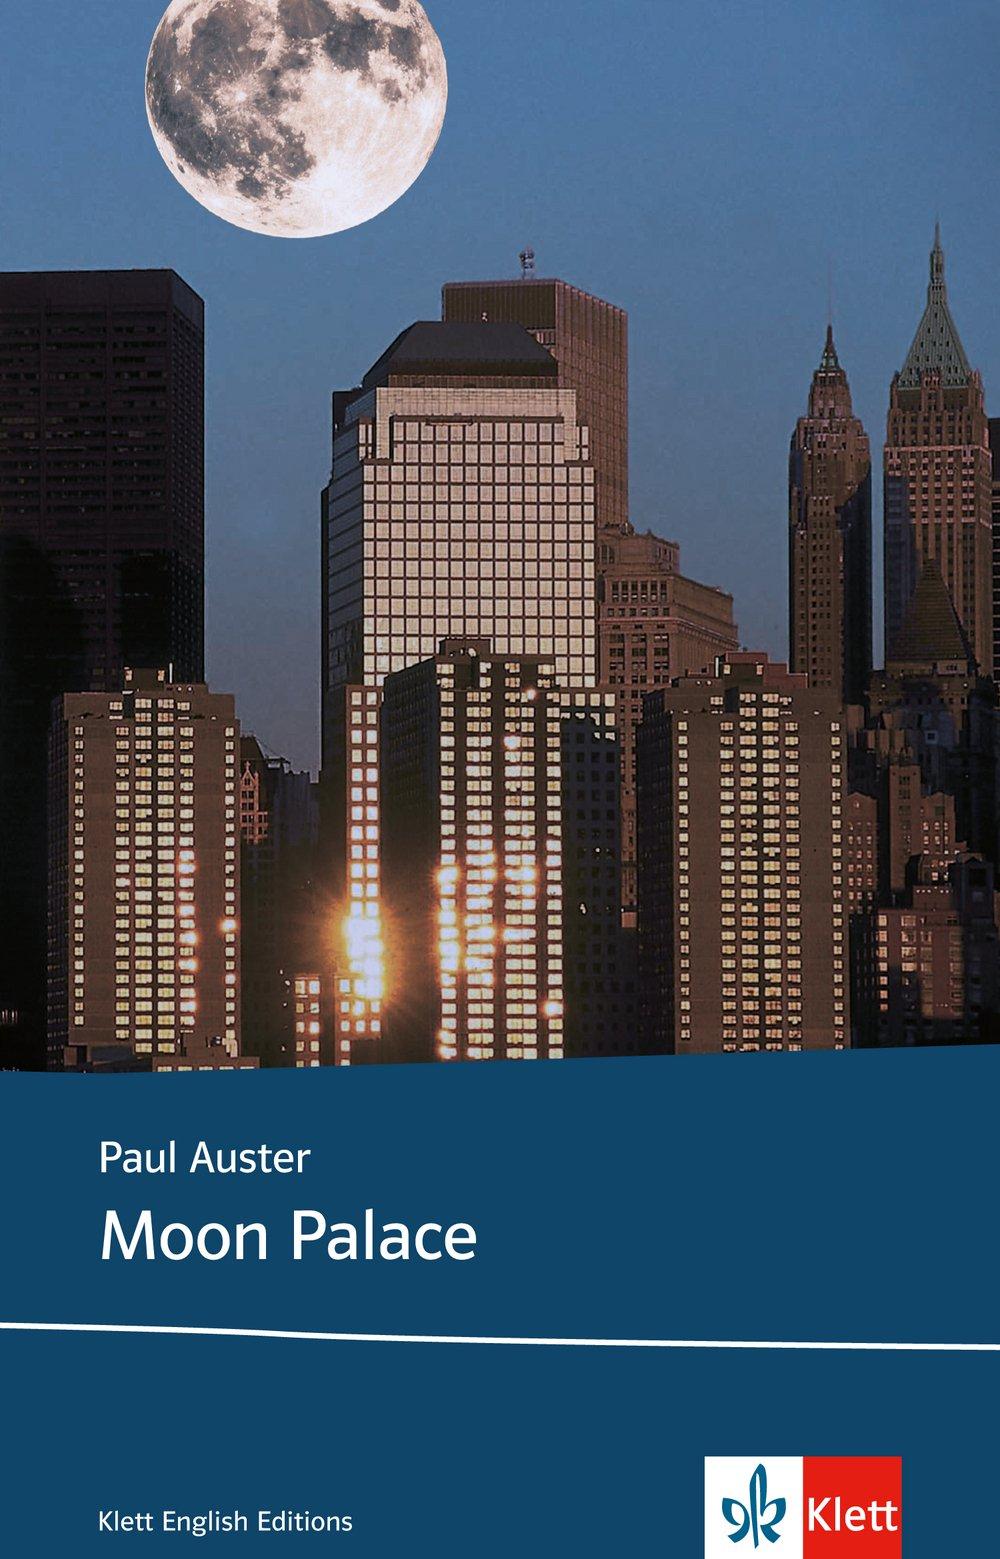 Moon Palace: Schulausgabe für das Niveau B2, ab dem 6. Lernjahr. Ungekürzter englischer Originaltext mit Annotationen (Klett English Editions)